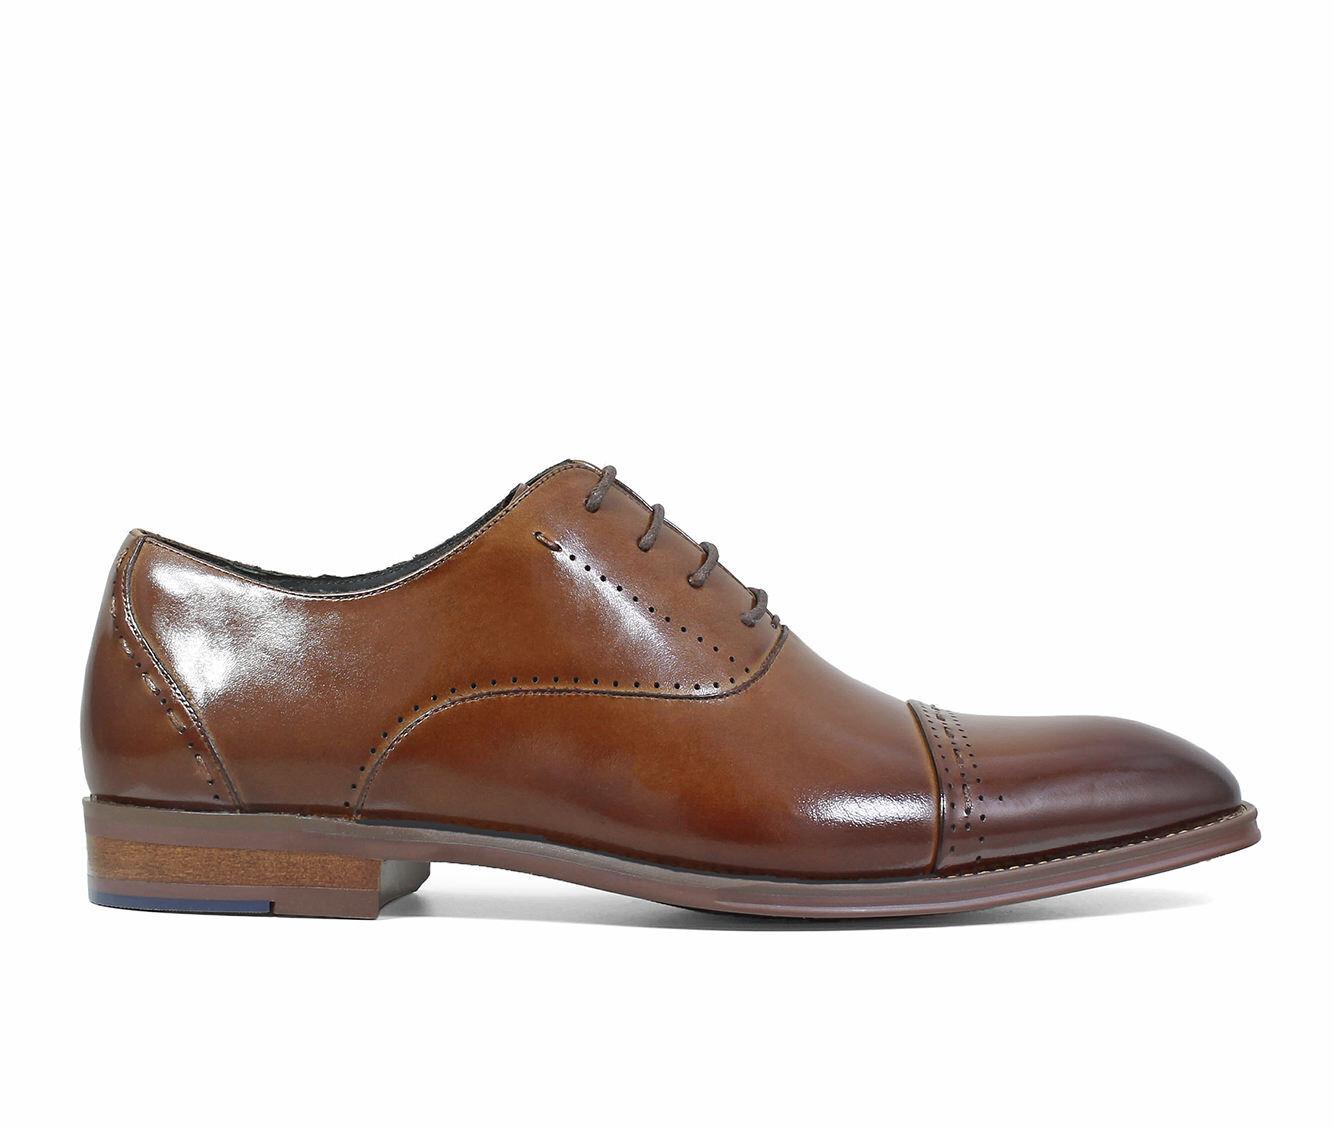 Men's Stacy Adams Barris Cap Toe Oxford Dress Shoes Cognac